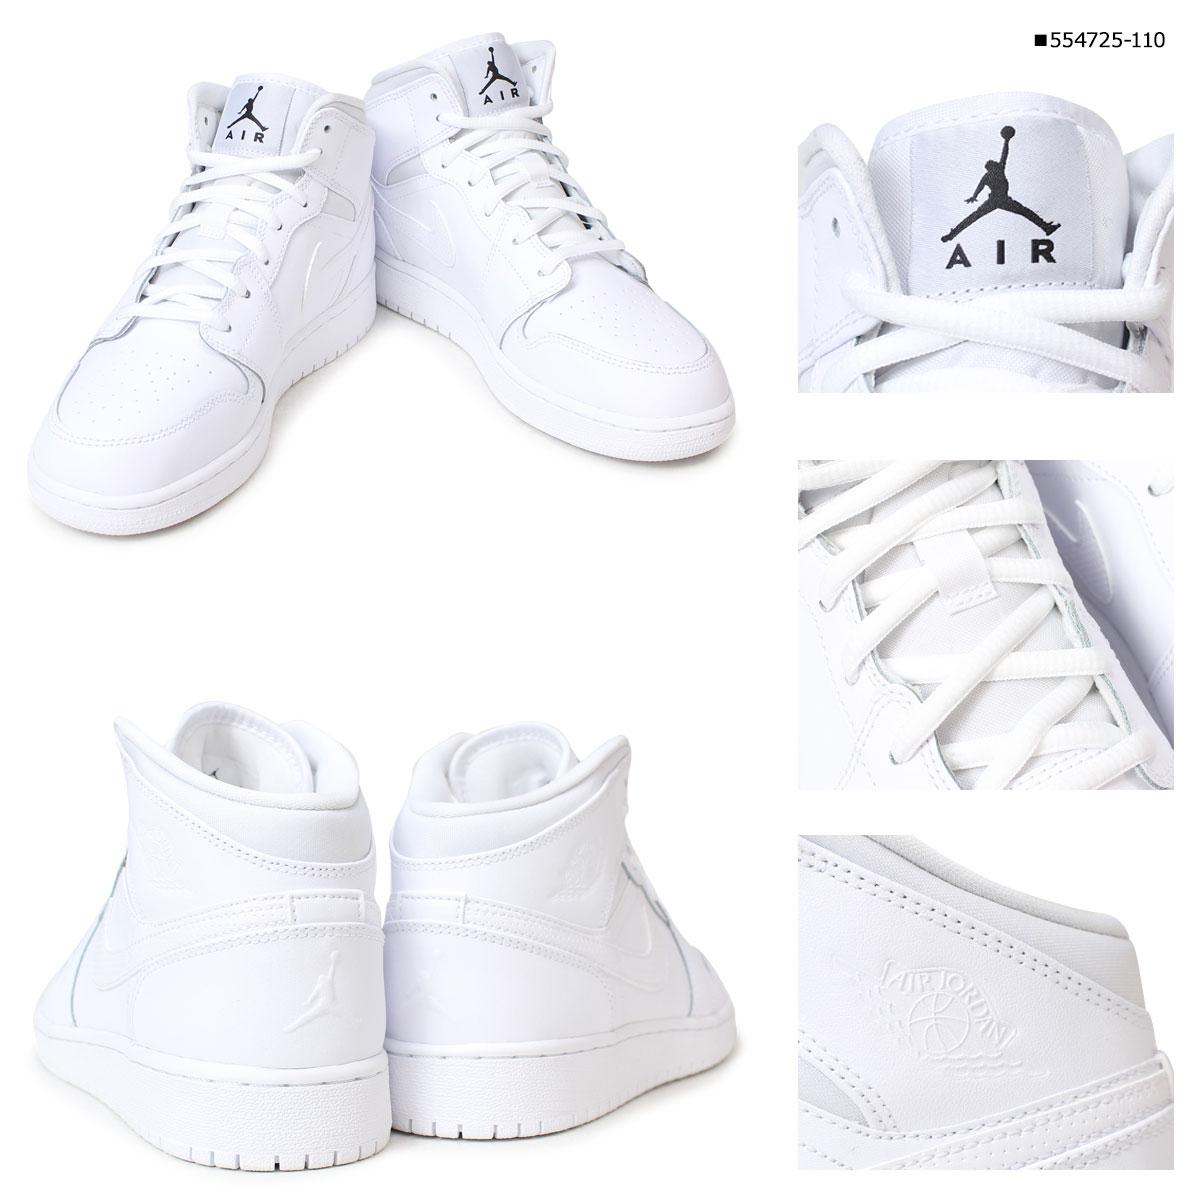 ... レディースAIRJORDAN1MIDGSエアジョーダン1ミッド靴ブラックホワイト · Larger View